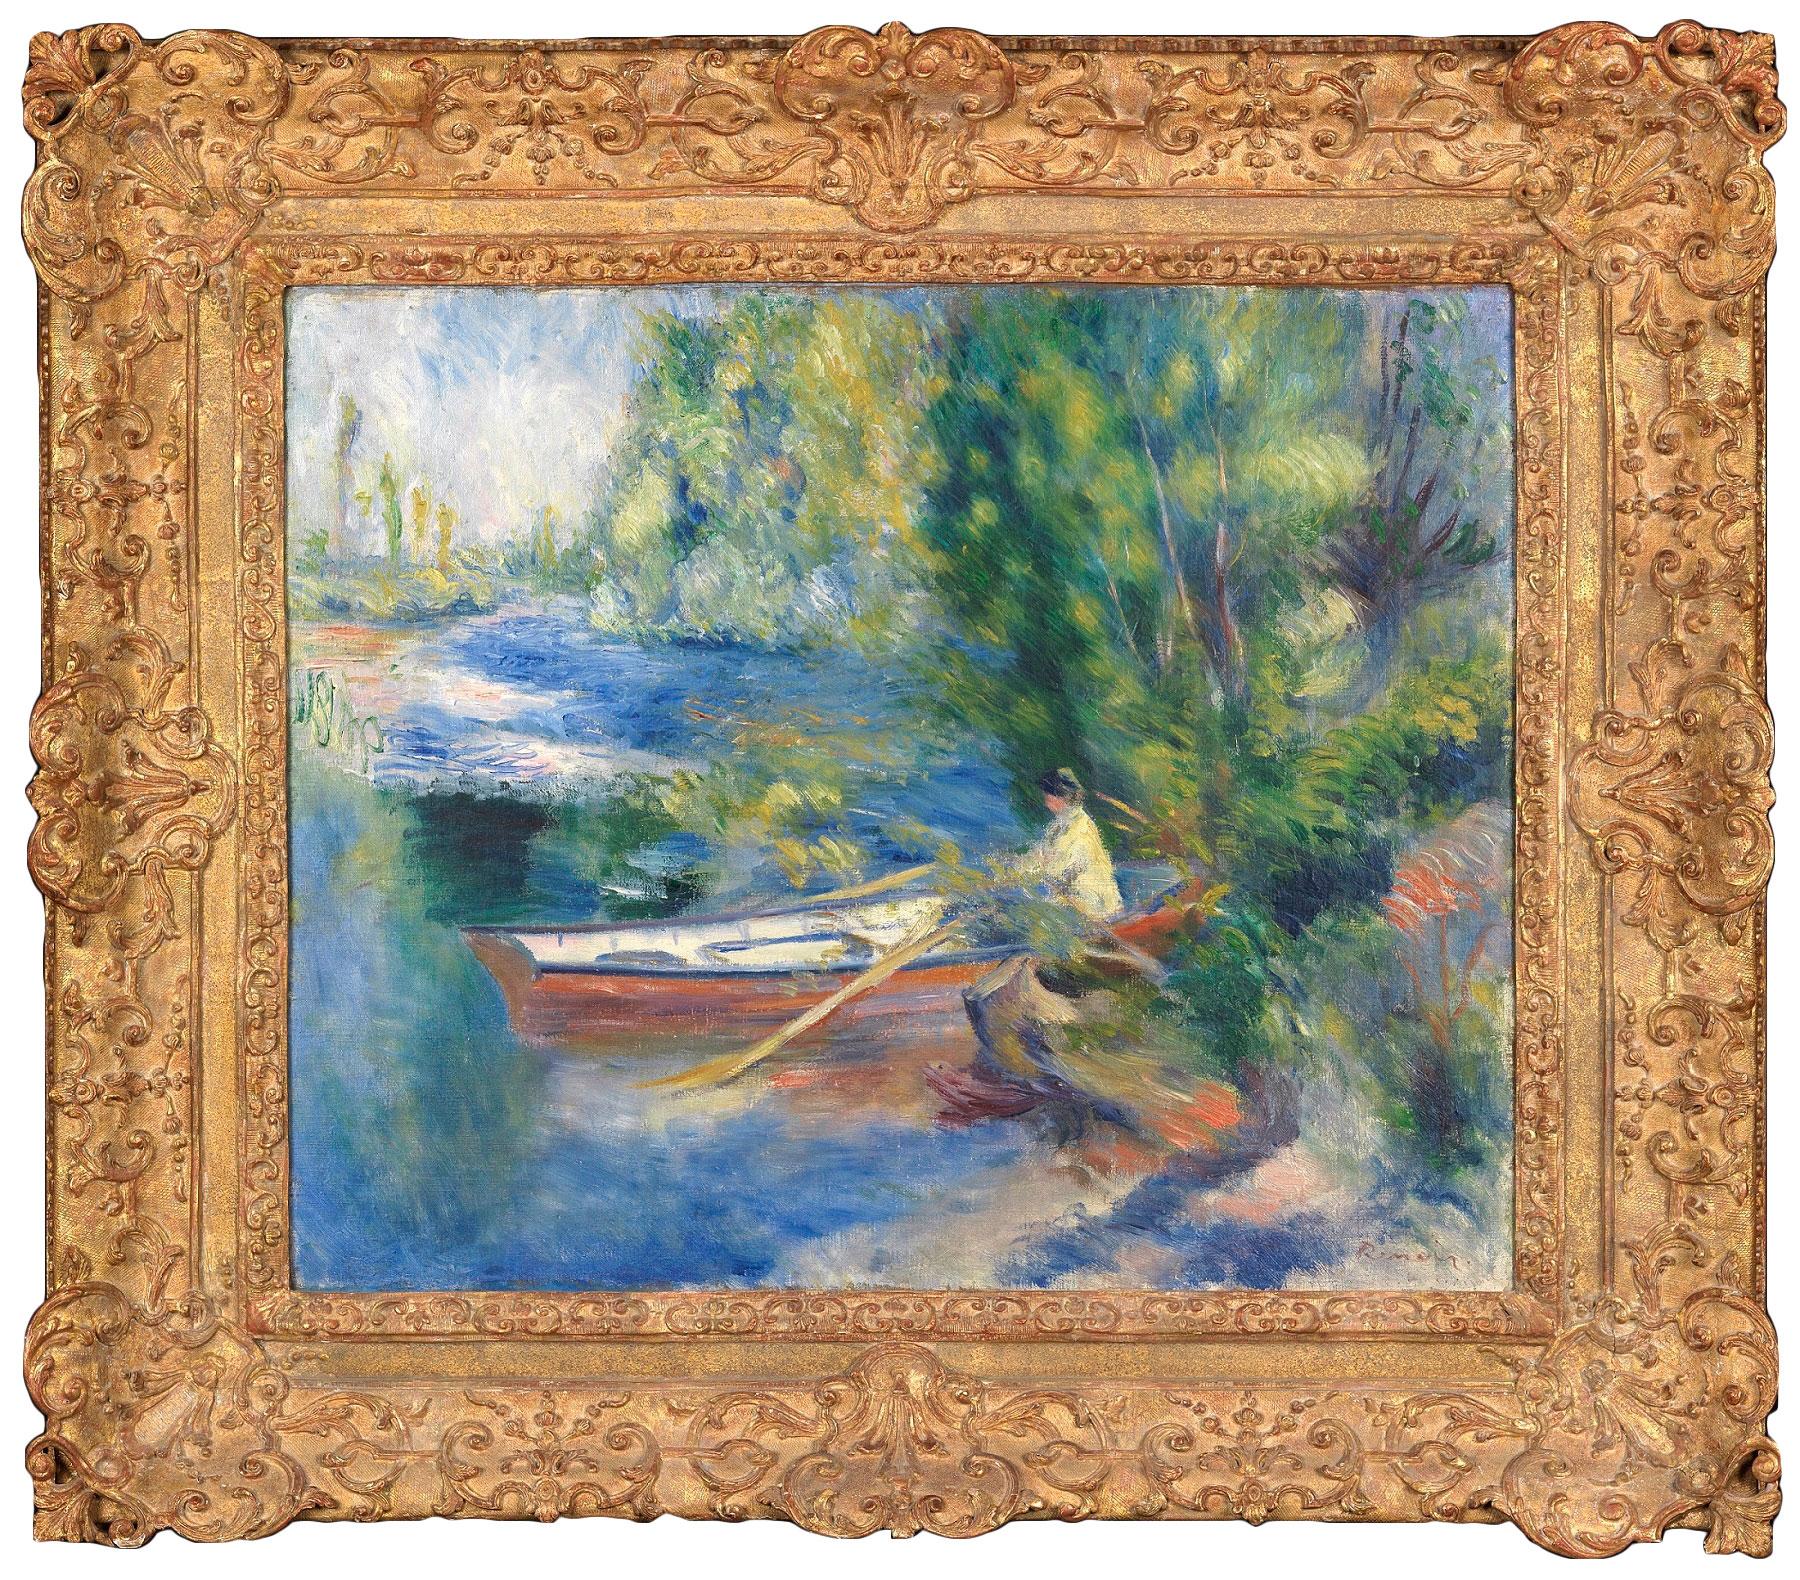 Pierre-Auguste Renoir, Au Bord de l'Eau, 1885 Image via DICKINSON